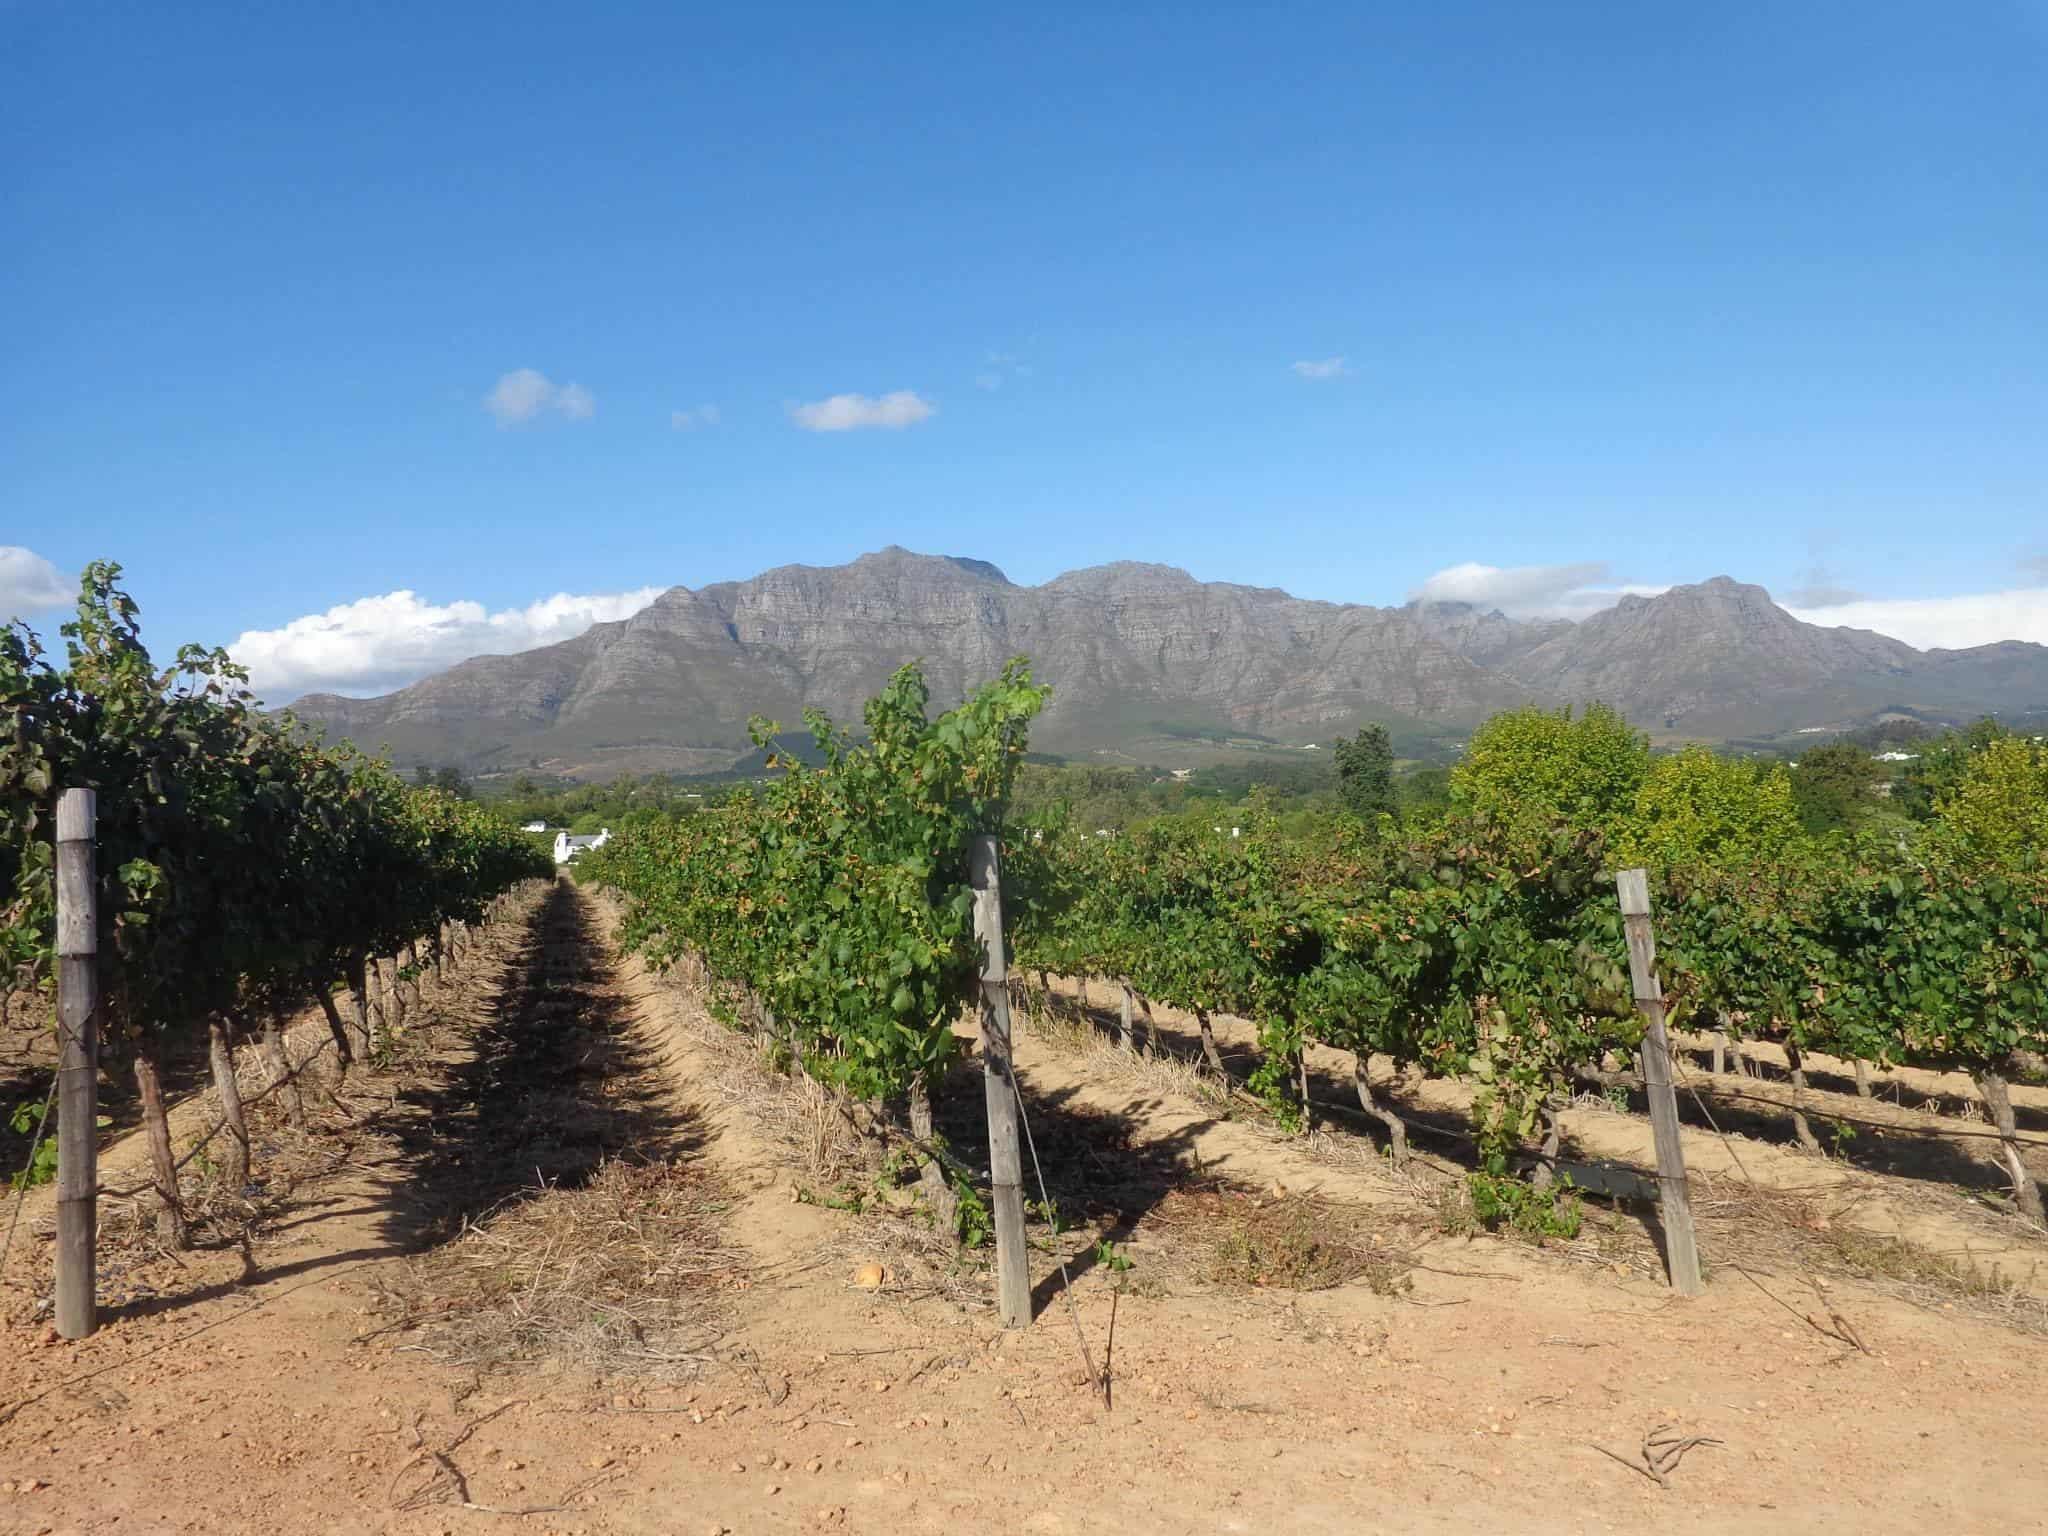 Stellenbosch - Top South African Destinations